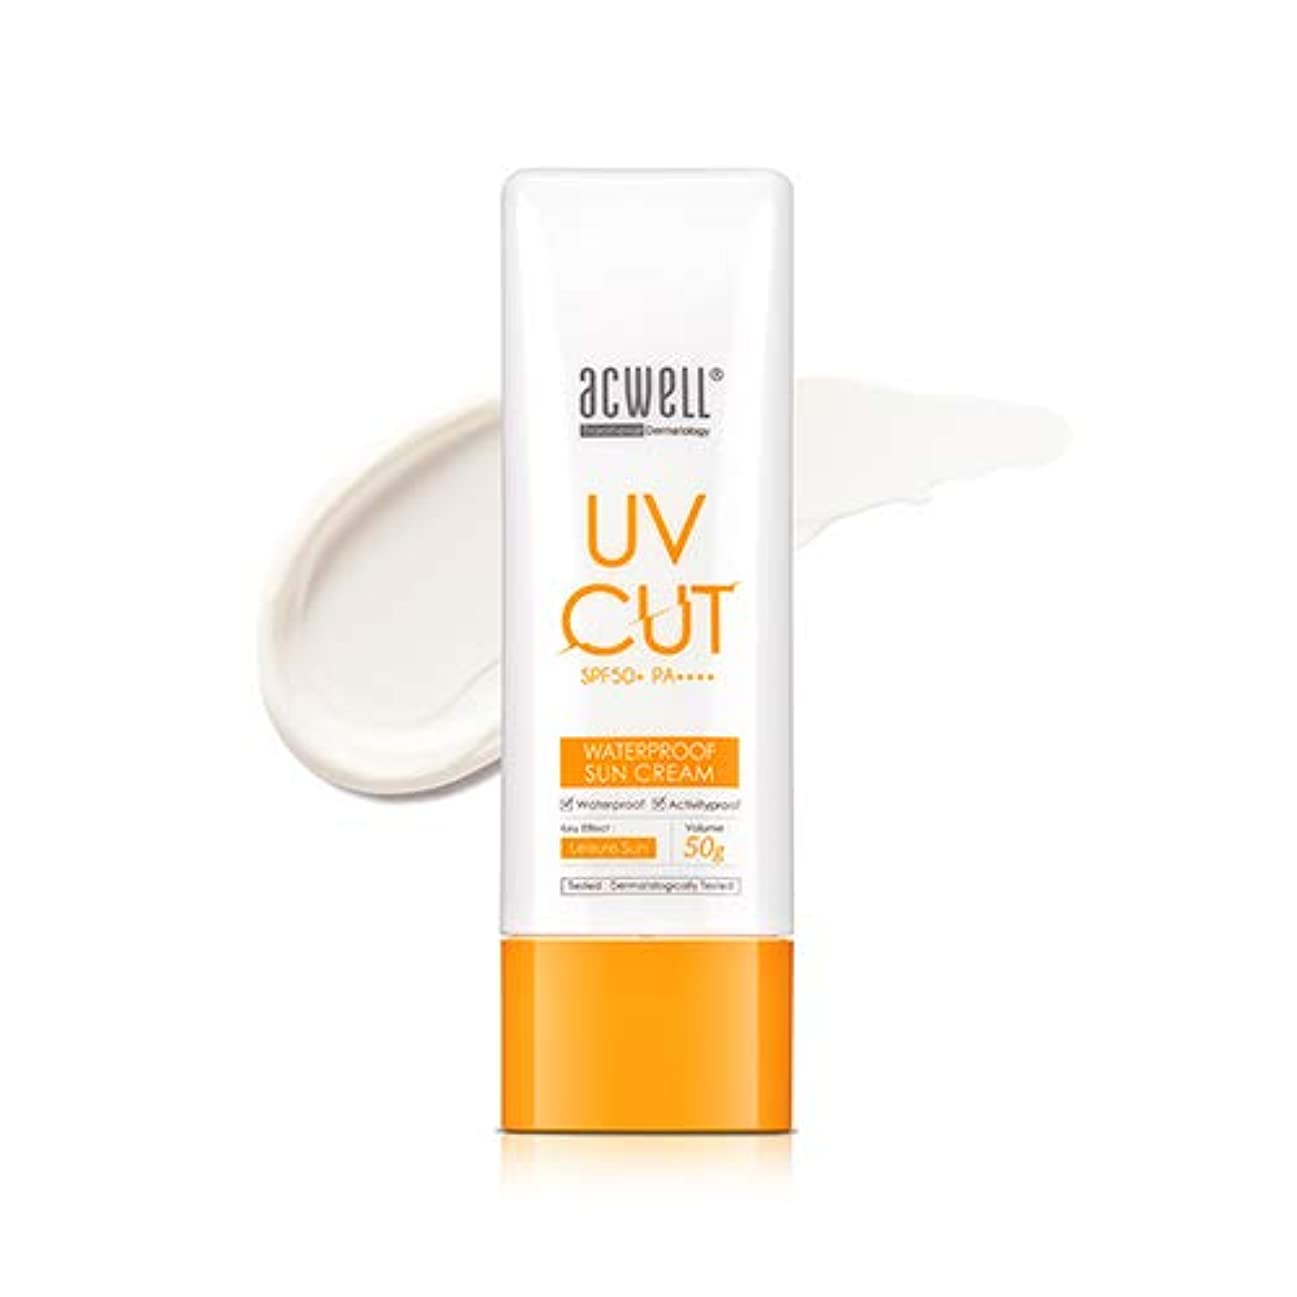 式修正ブラウンアクウェル ACWELL UV Cut Waterproof Sun Cream ウォータープルーフ サンクリーム 50g, SPF50+ PA++++ [Made in Korea]